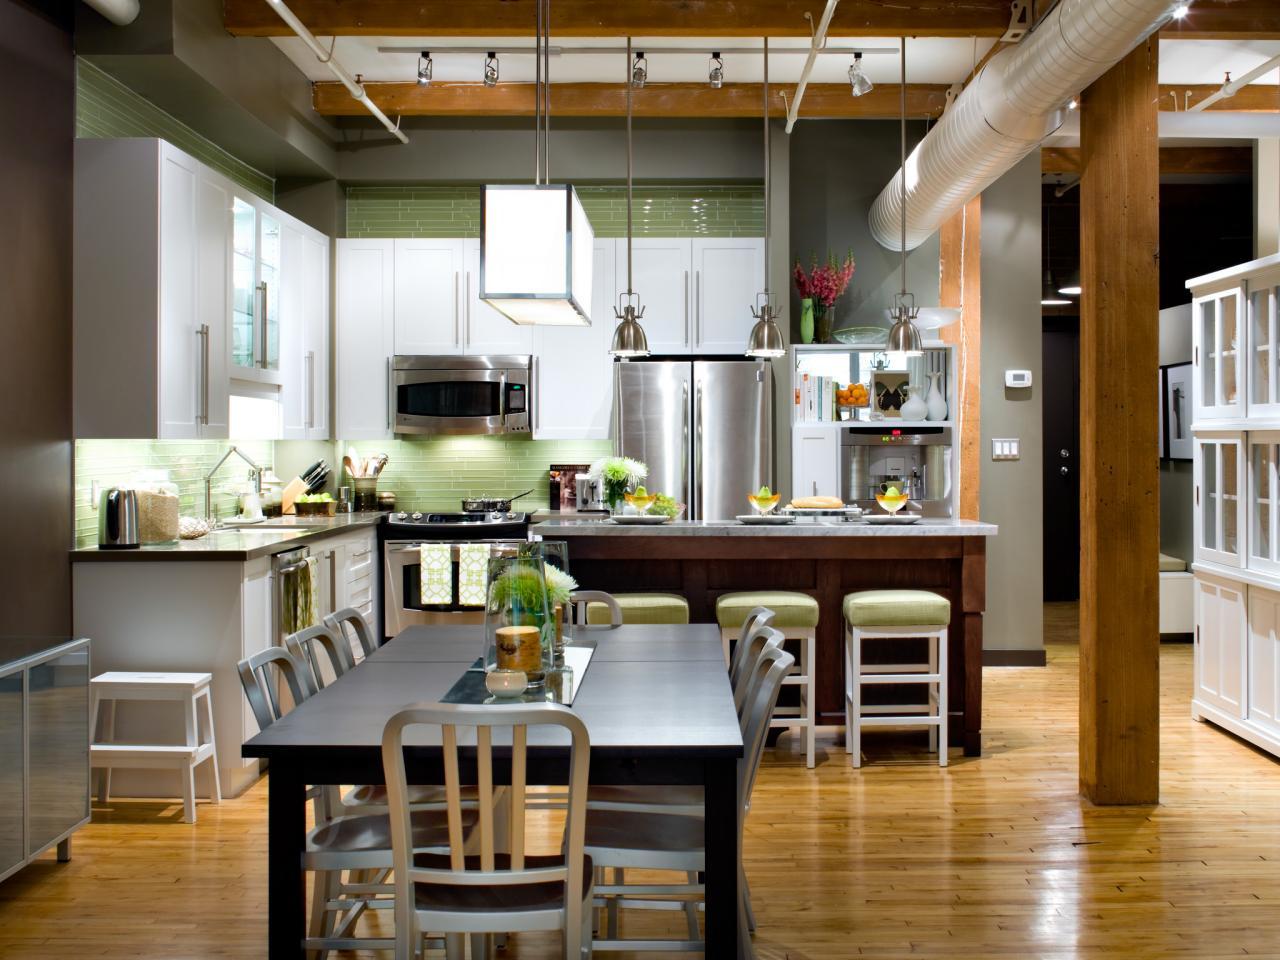 hdivd1410_kitchen-spisestue-område-after_s4x3-jpg-rend-hgtvcom-1280-960